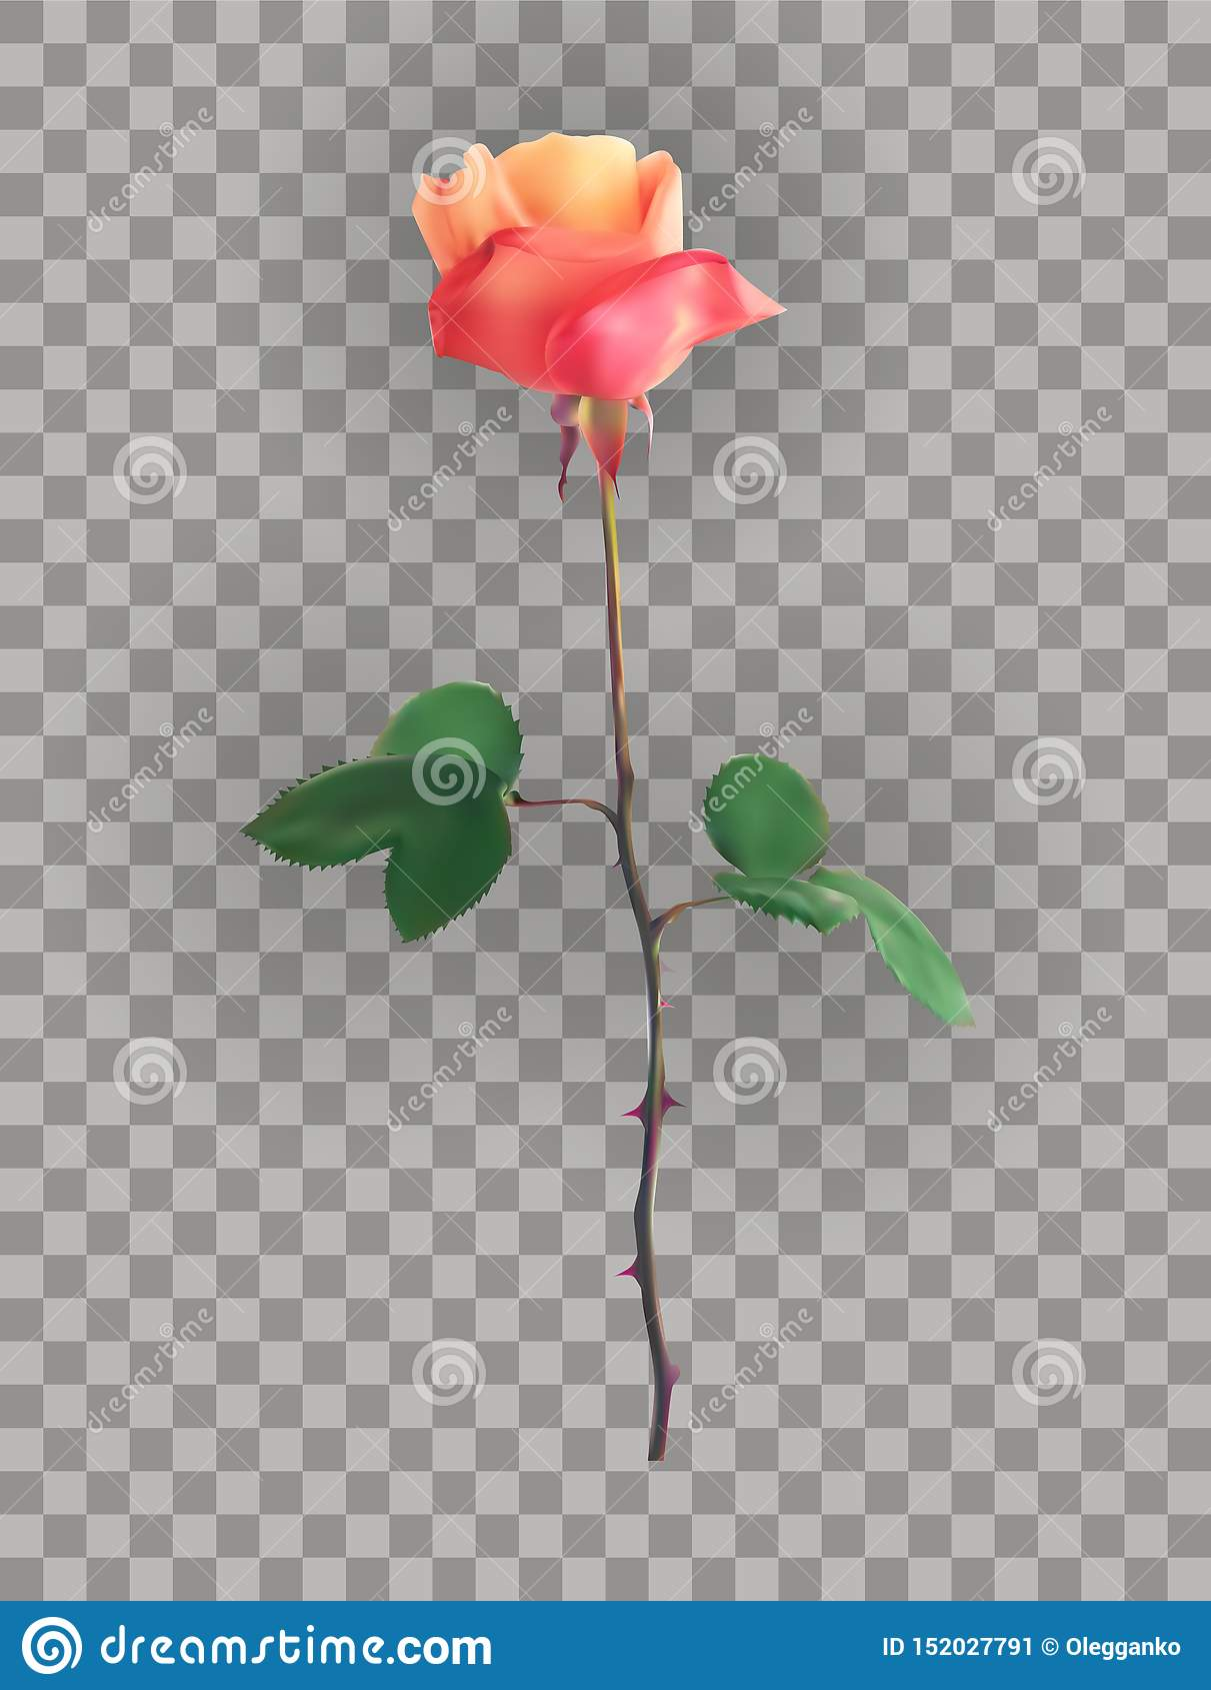 Rosa hermoso Rose Stems en un fondo transparente Ilustraci?n del vector